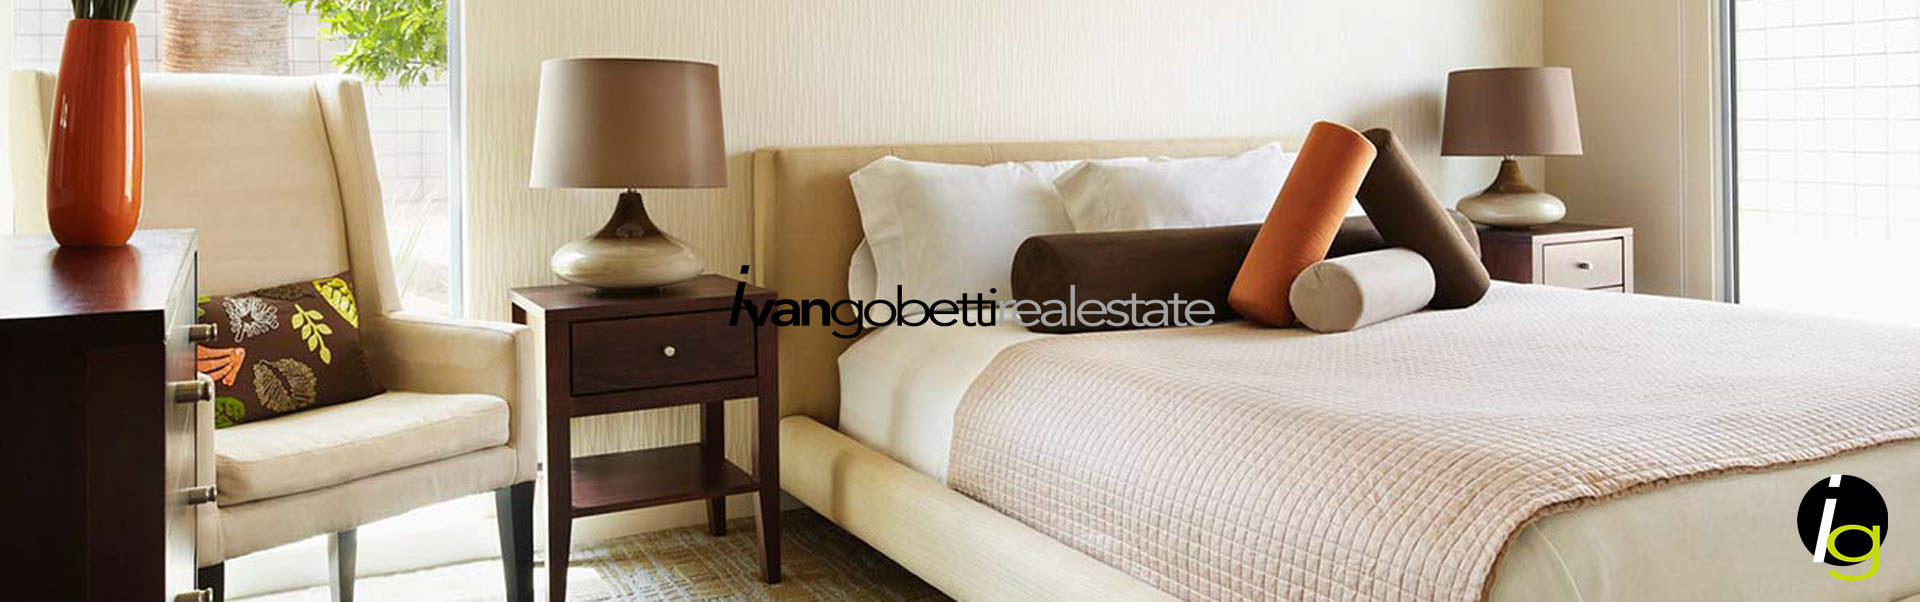 Vendesi Hotel sul Lago Maggiore 3 stelle